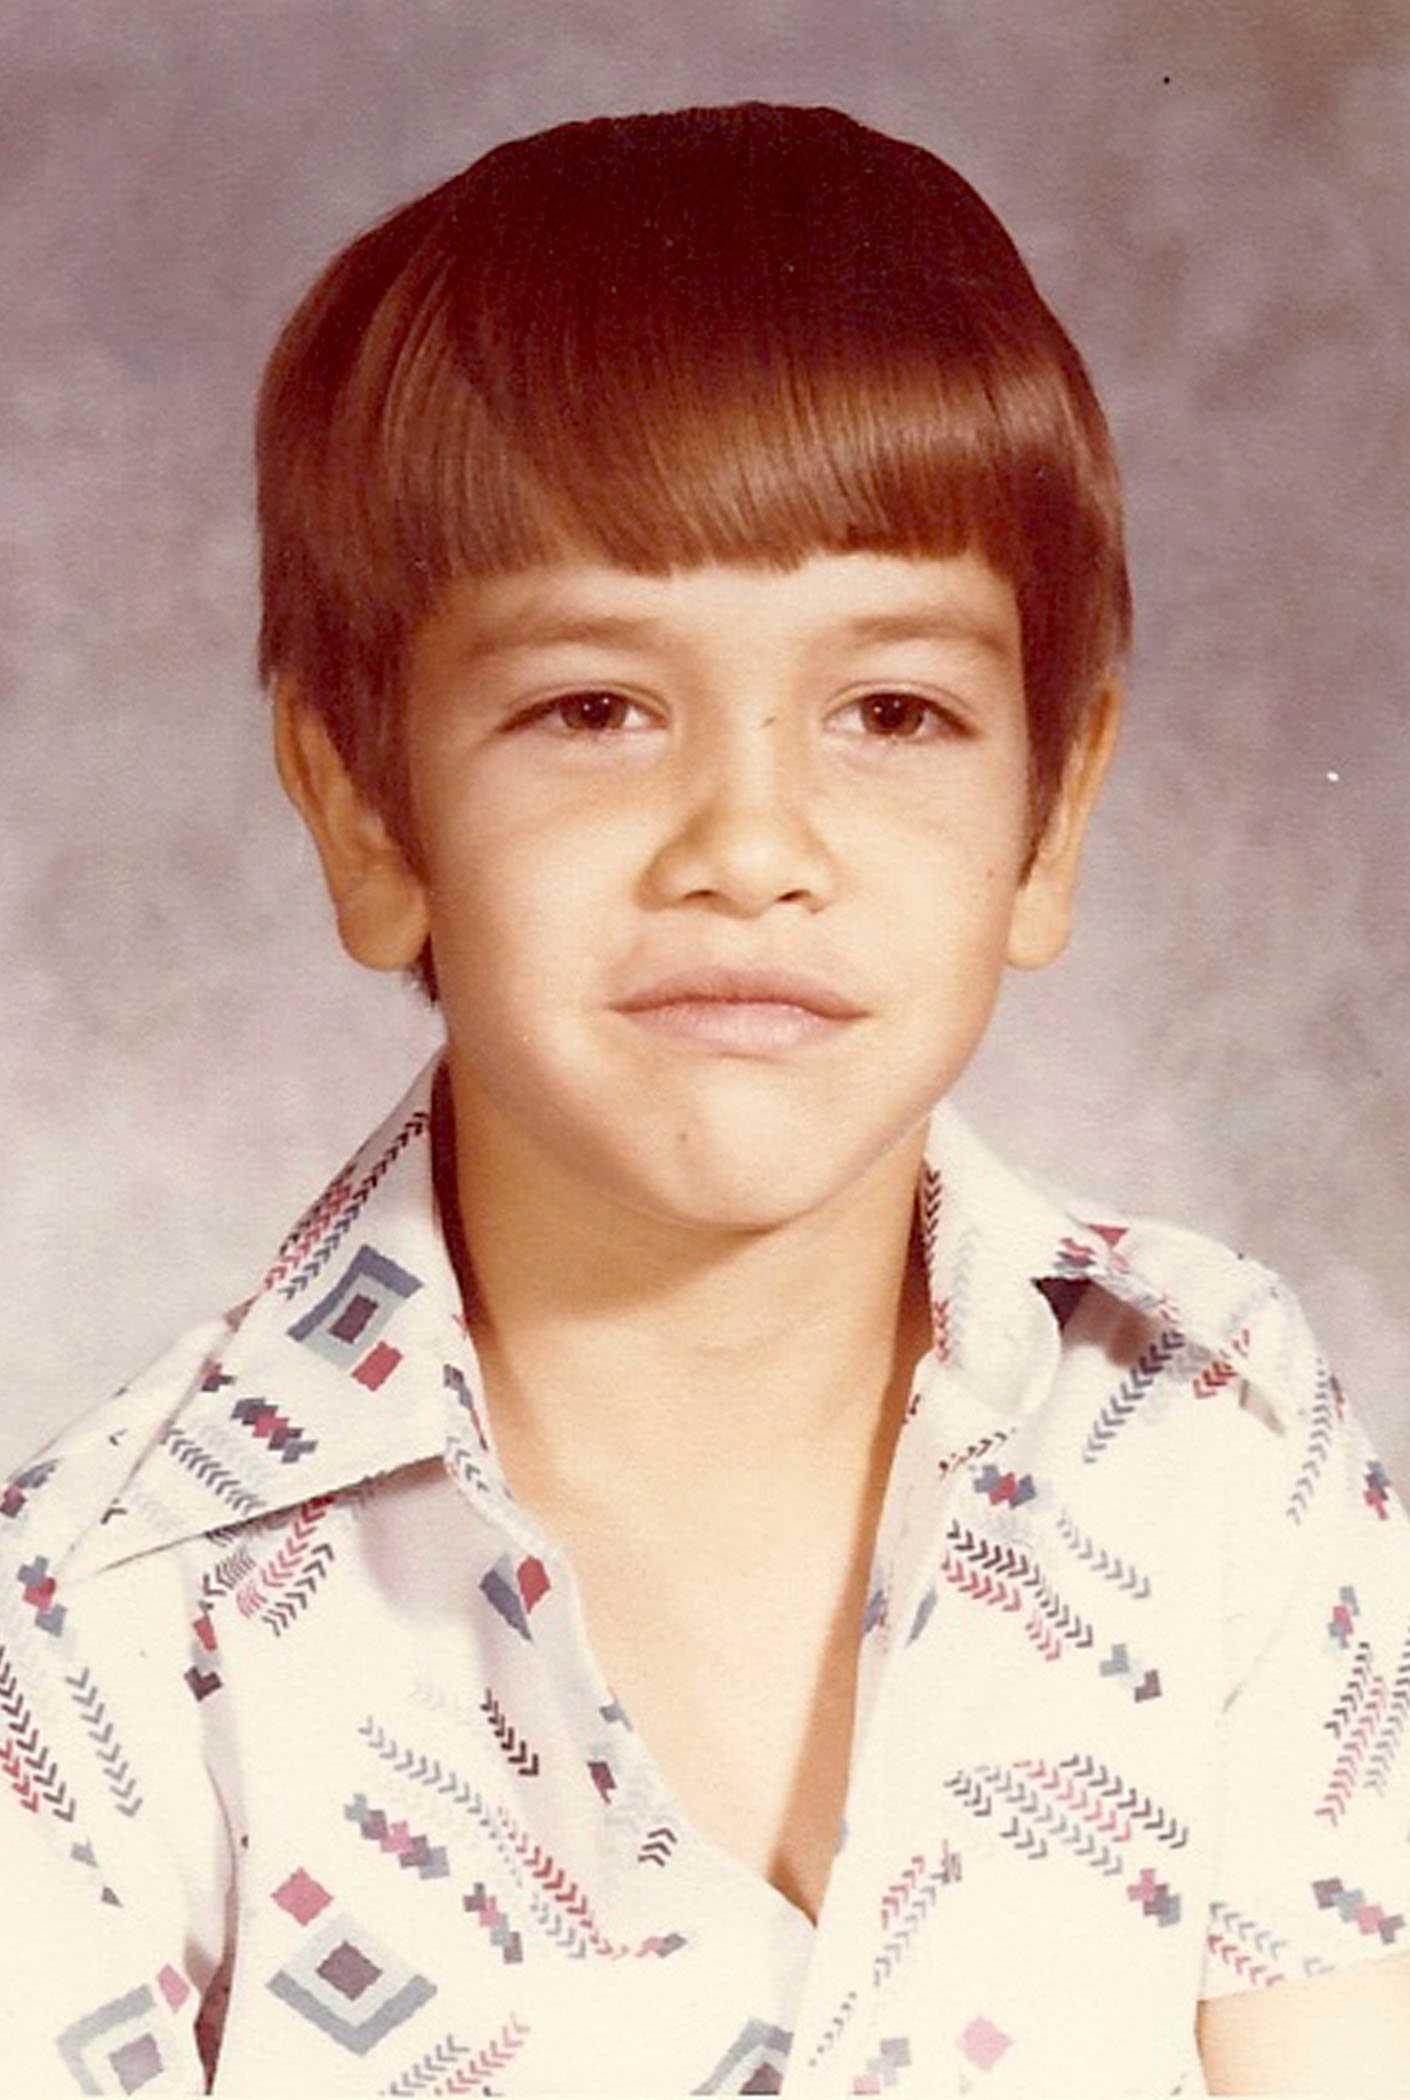 Marco Rubio in 6th grade.